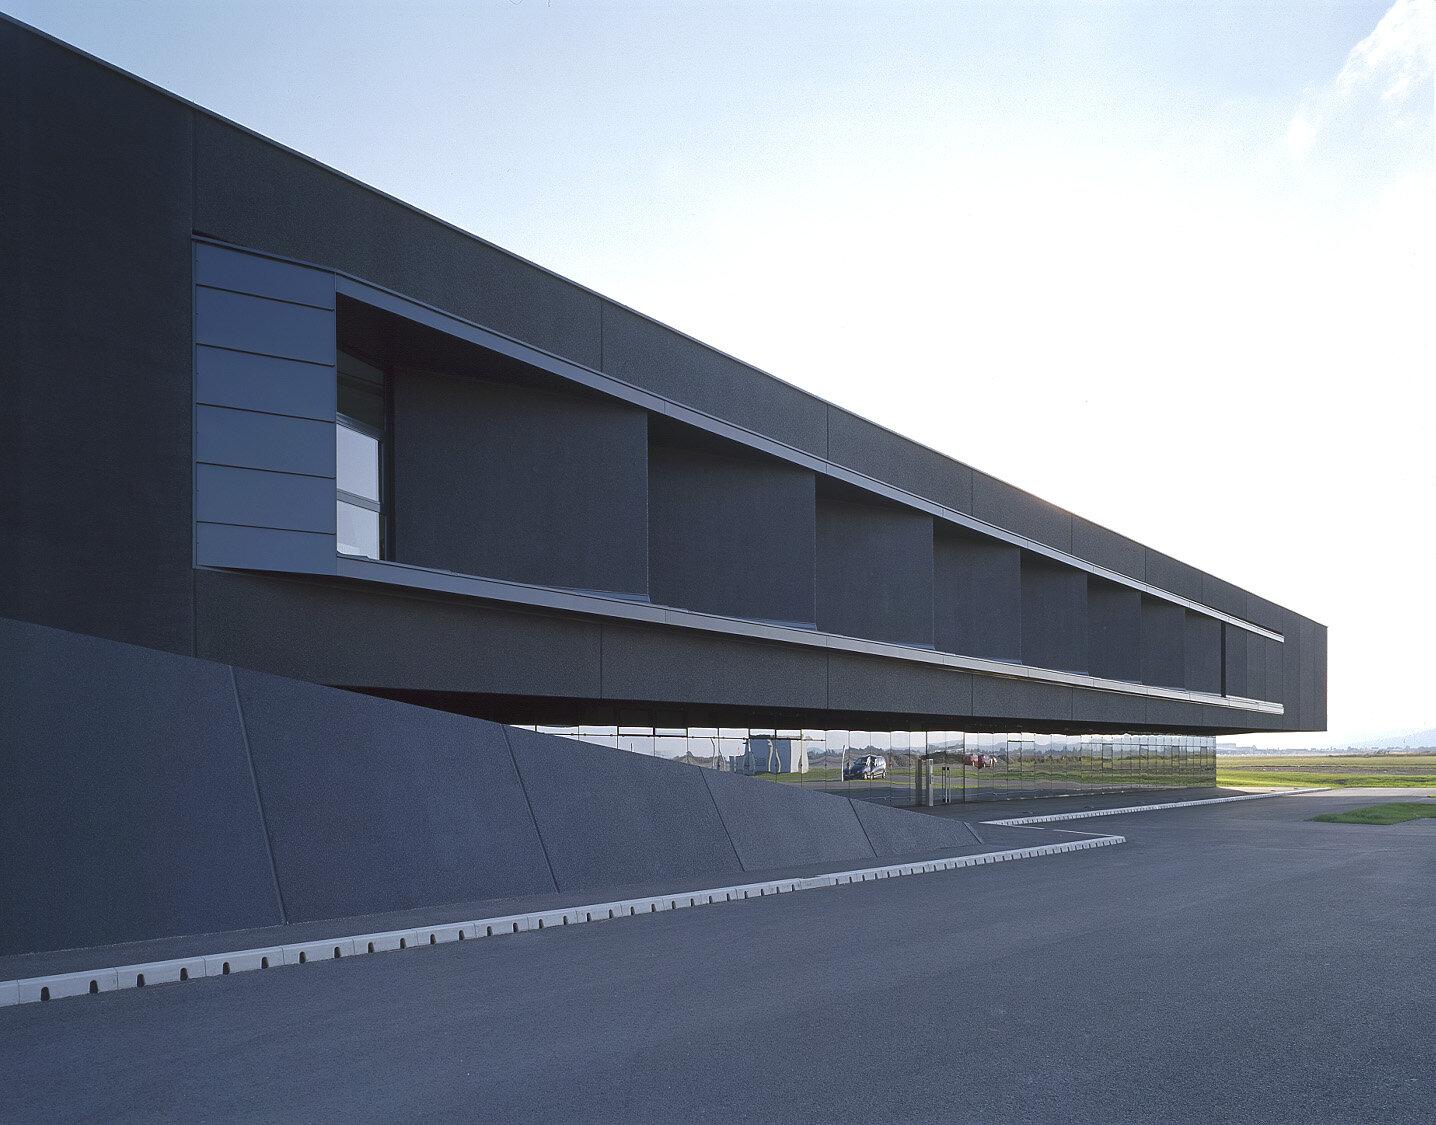 Facility Schiebel - in e-architect